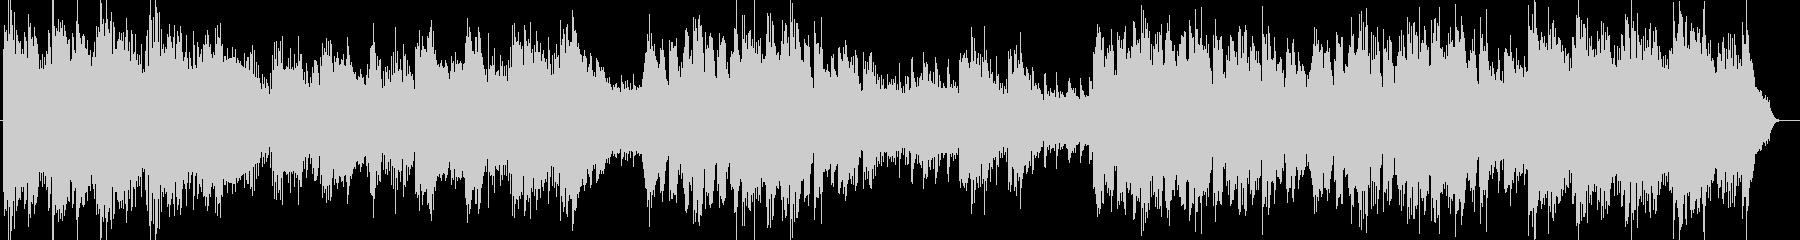 ゆったりとしたピアノがメインのインスト曲の未再生の波形